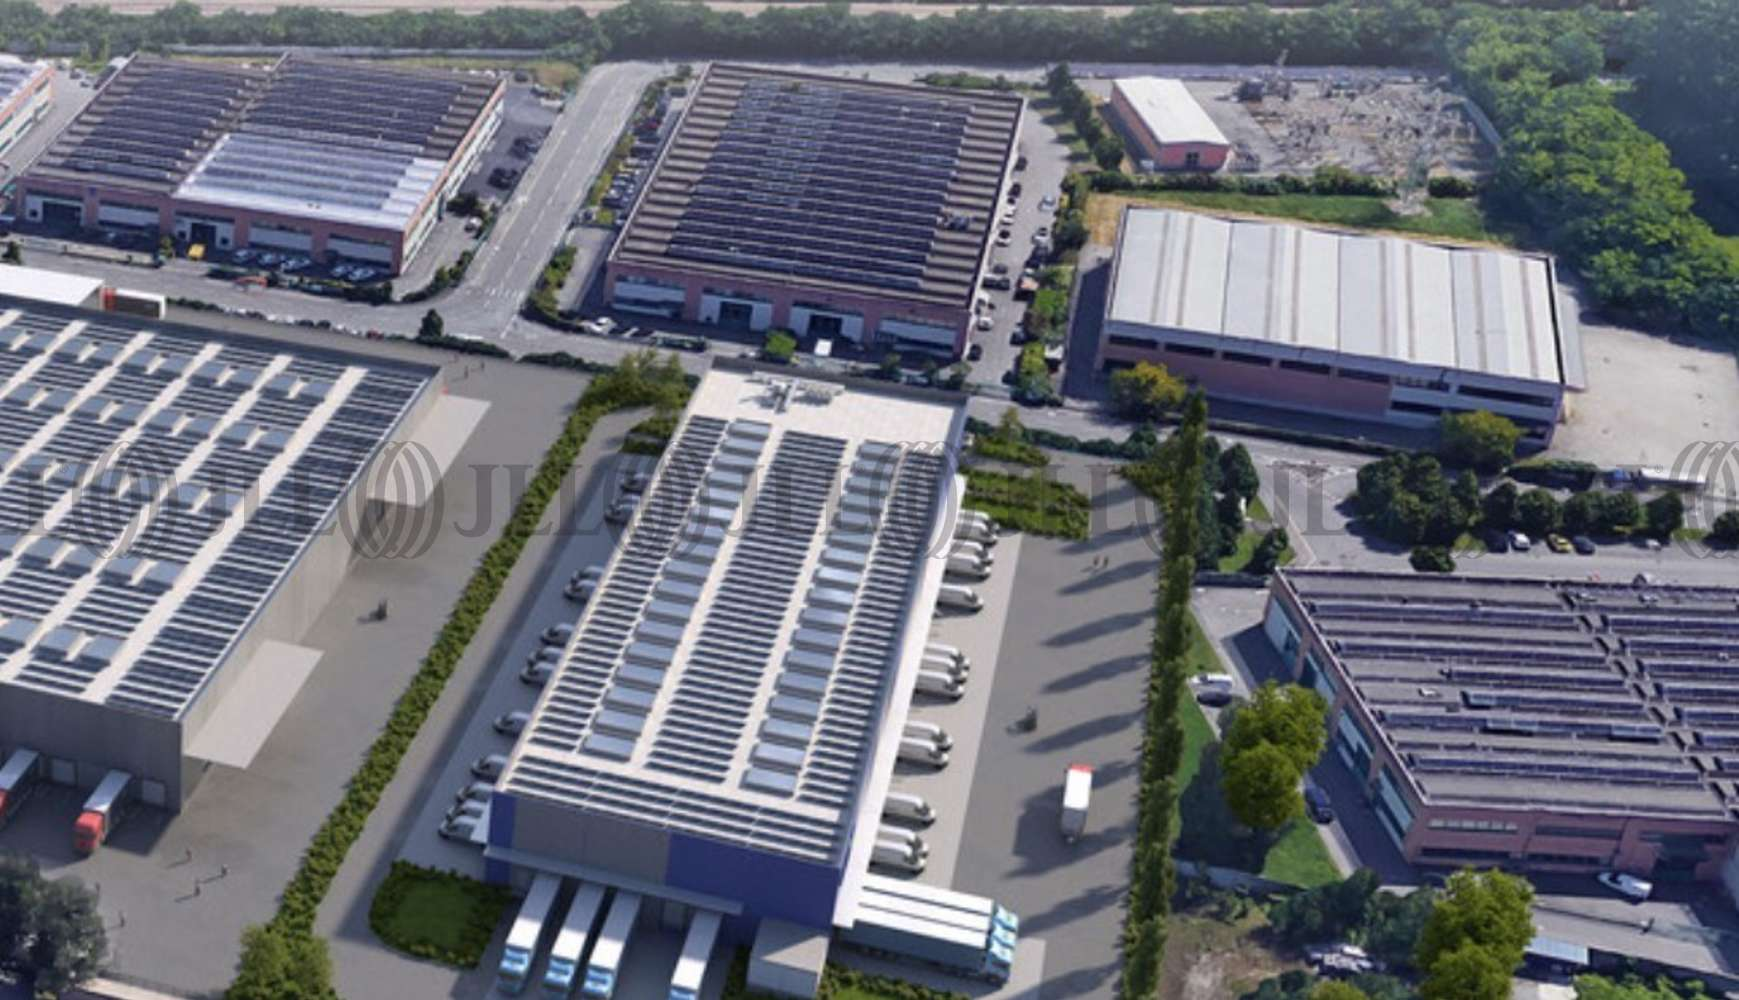 Magazzini industriali e logistici Calderara di reno, 40012 - Magazzino logistico Bologna